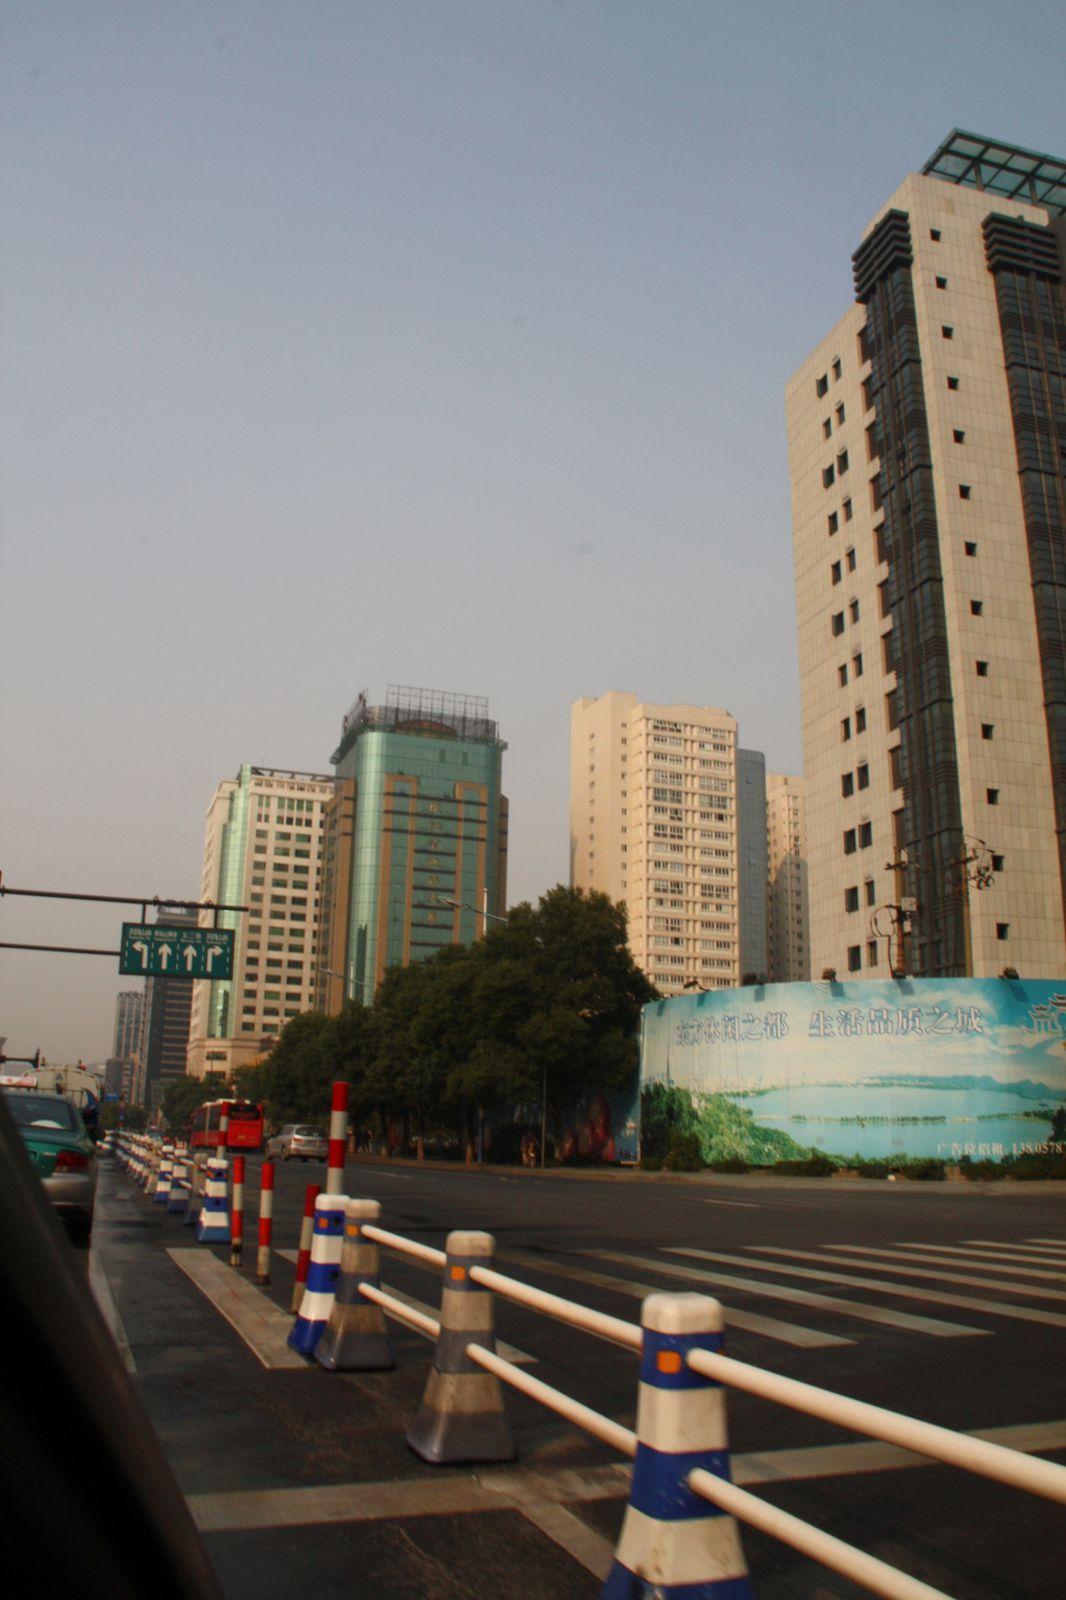 ALBUM - CHINE 2010 : UN PETIT PLUS DE HANGZHOU